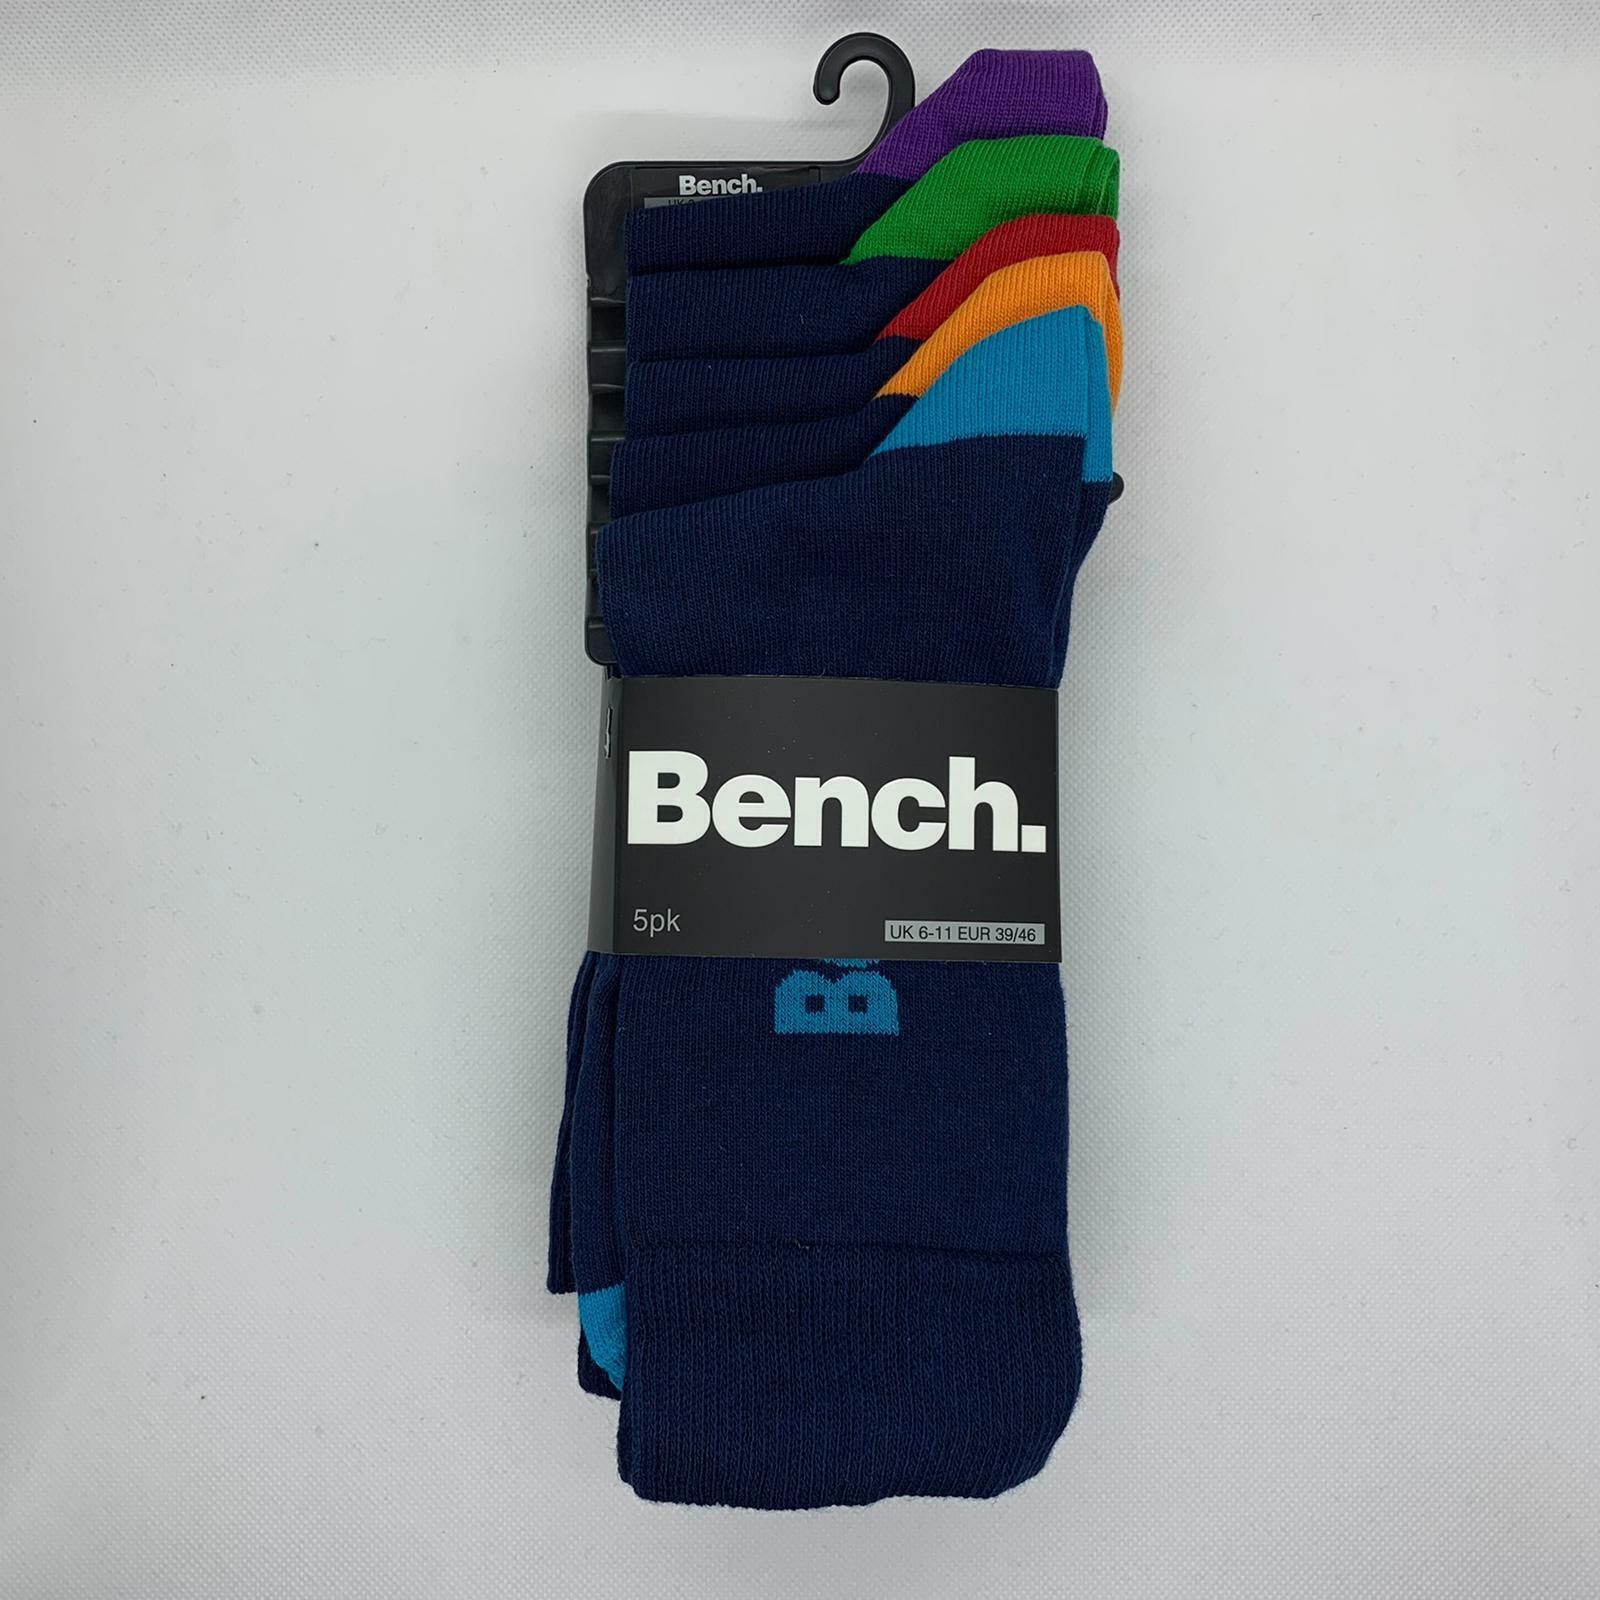 5 Paar Bench Hewett Socken | Herrensocken | Navy mit bunten Fußenden | Gr. 39-46